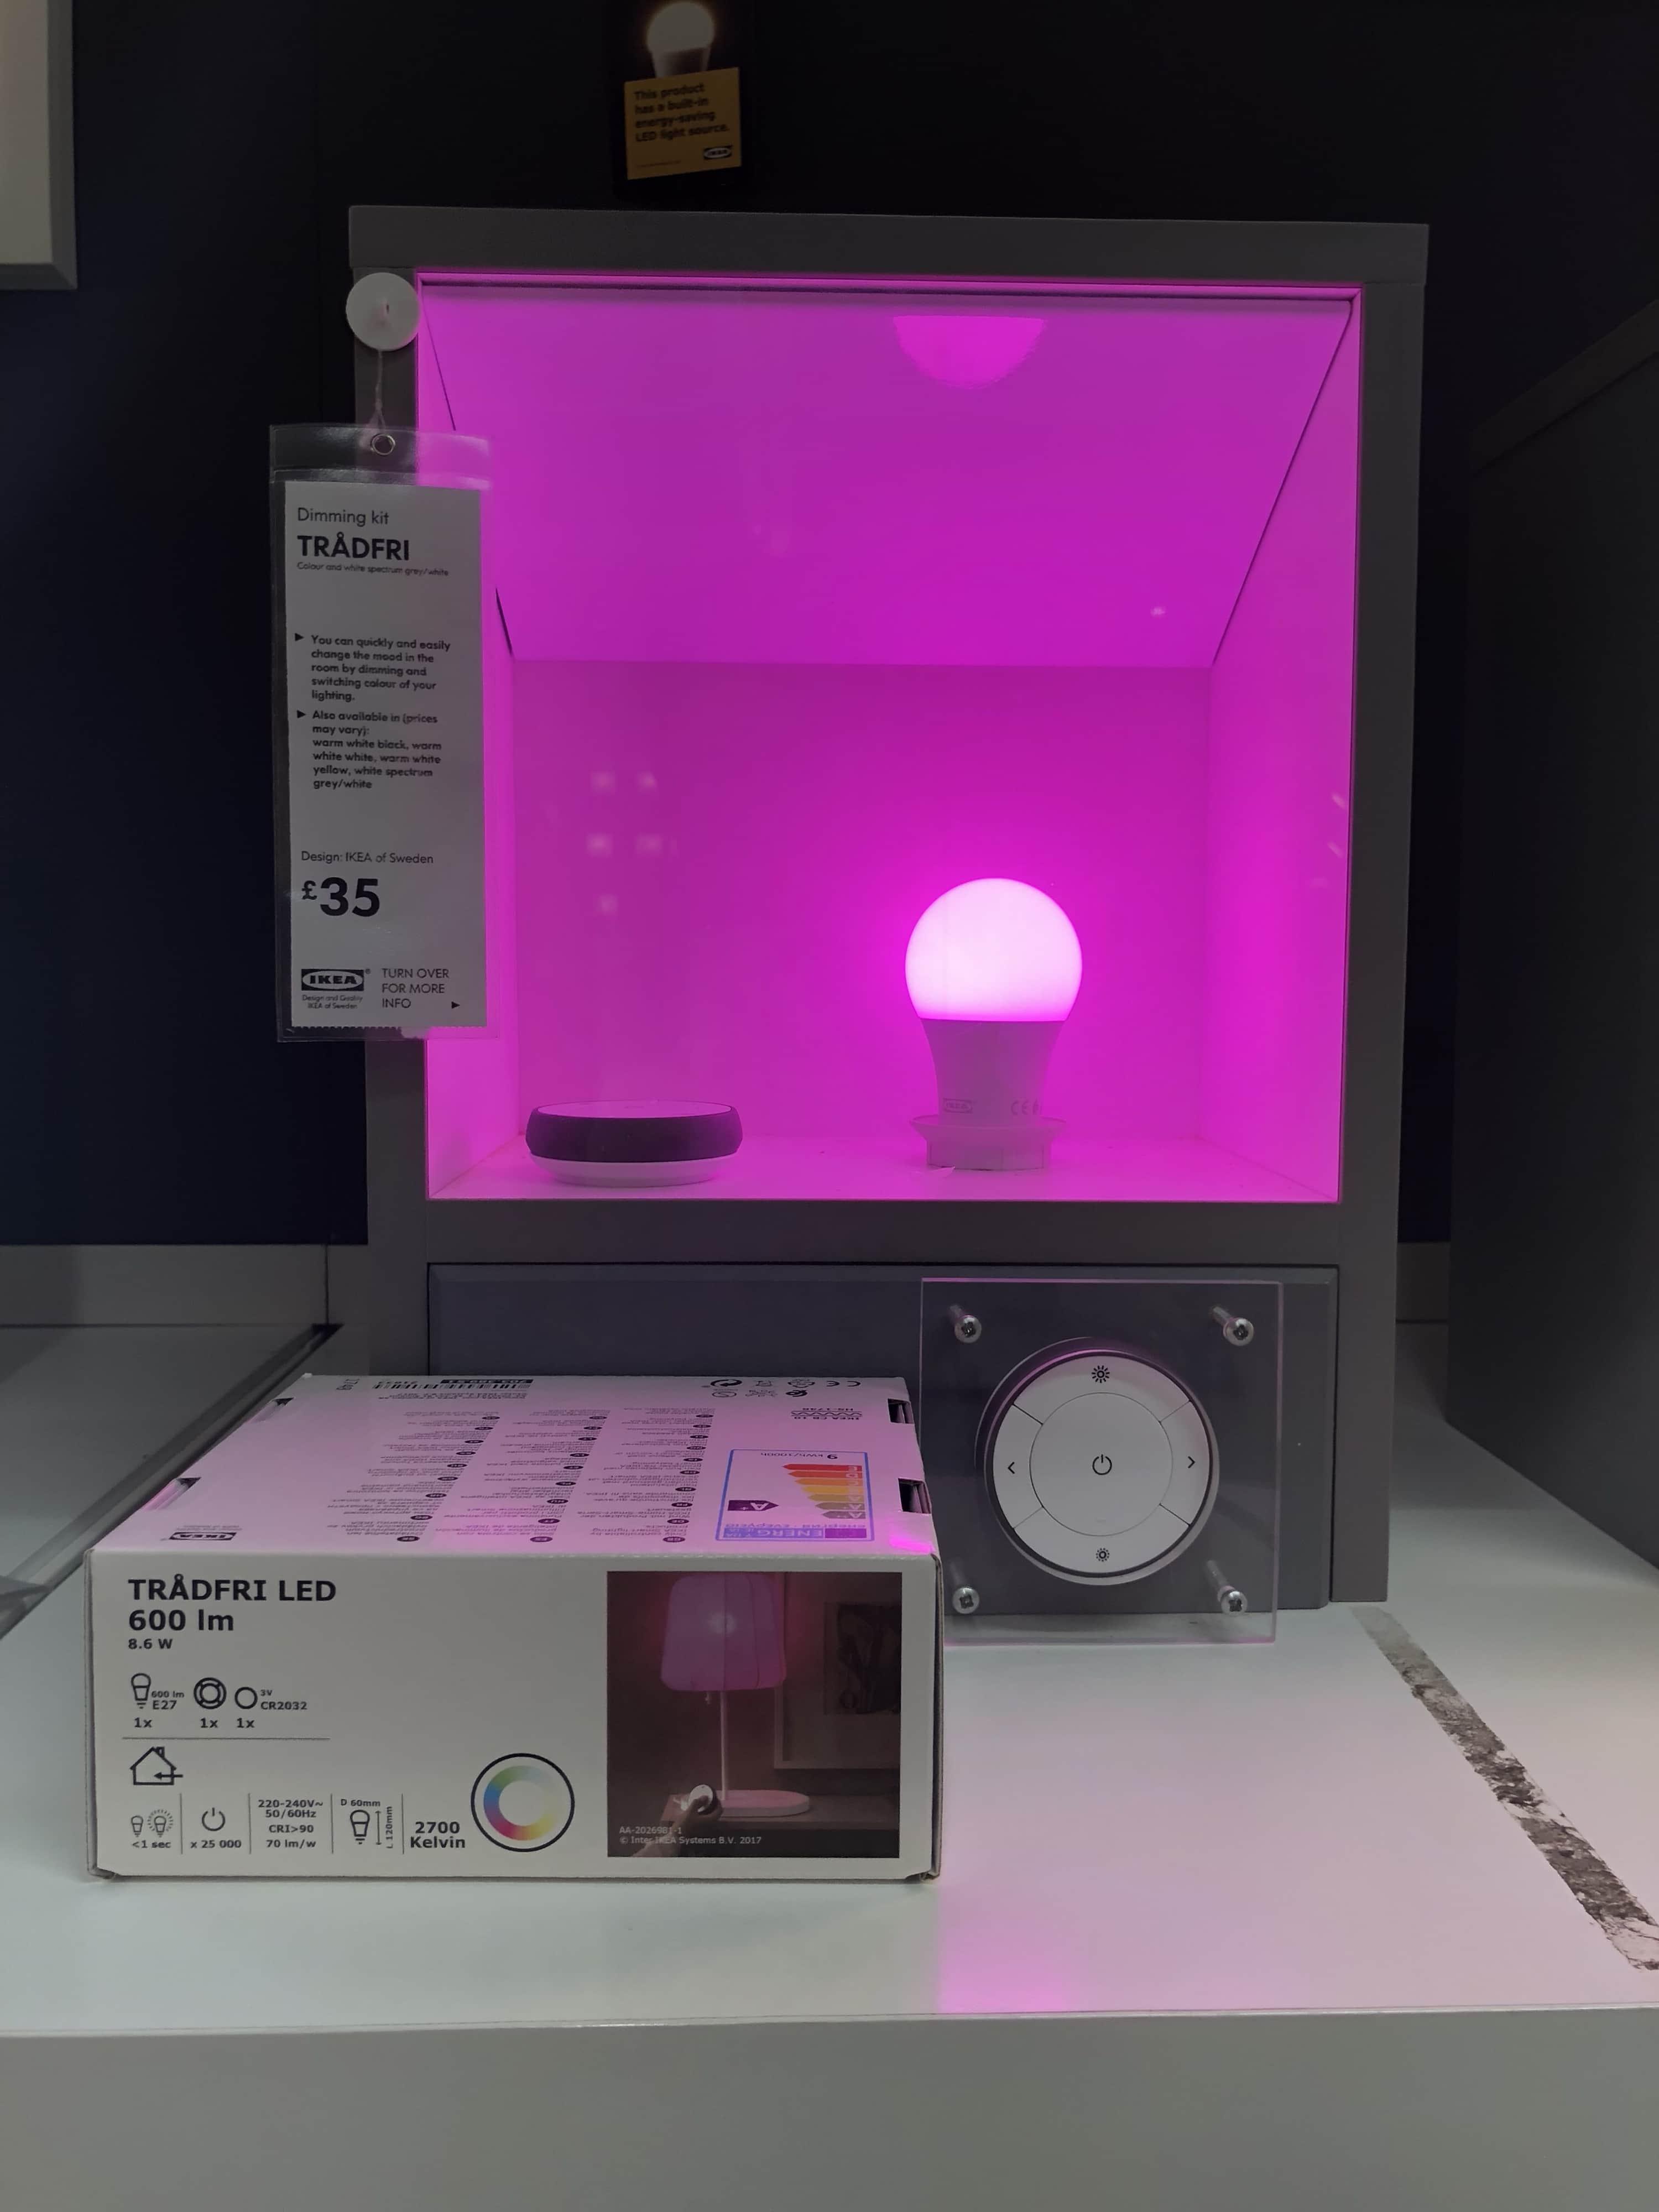 IKEA trådfri colour hits UK stores